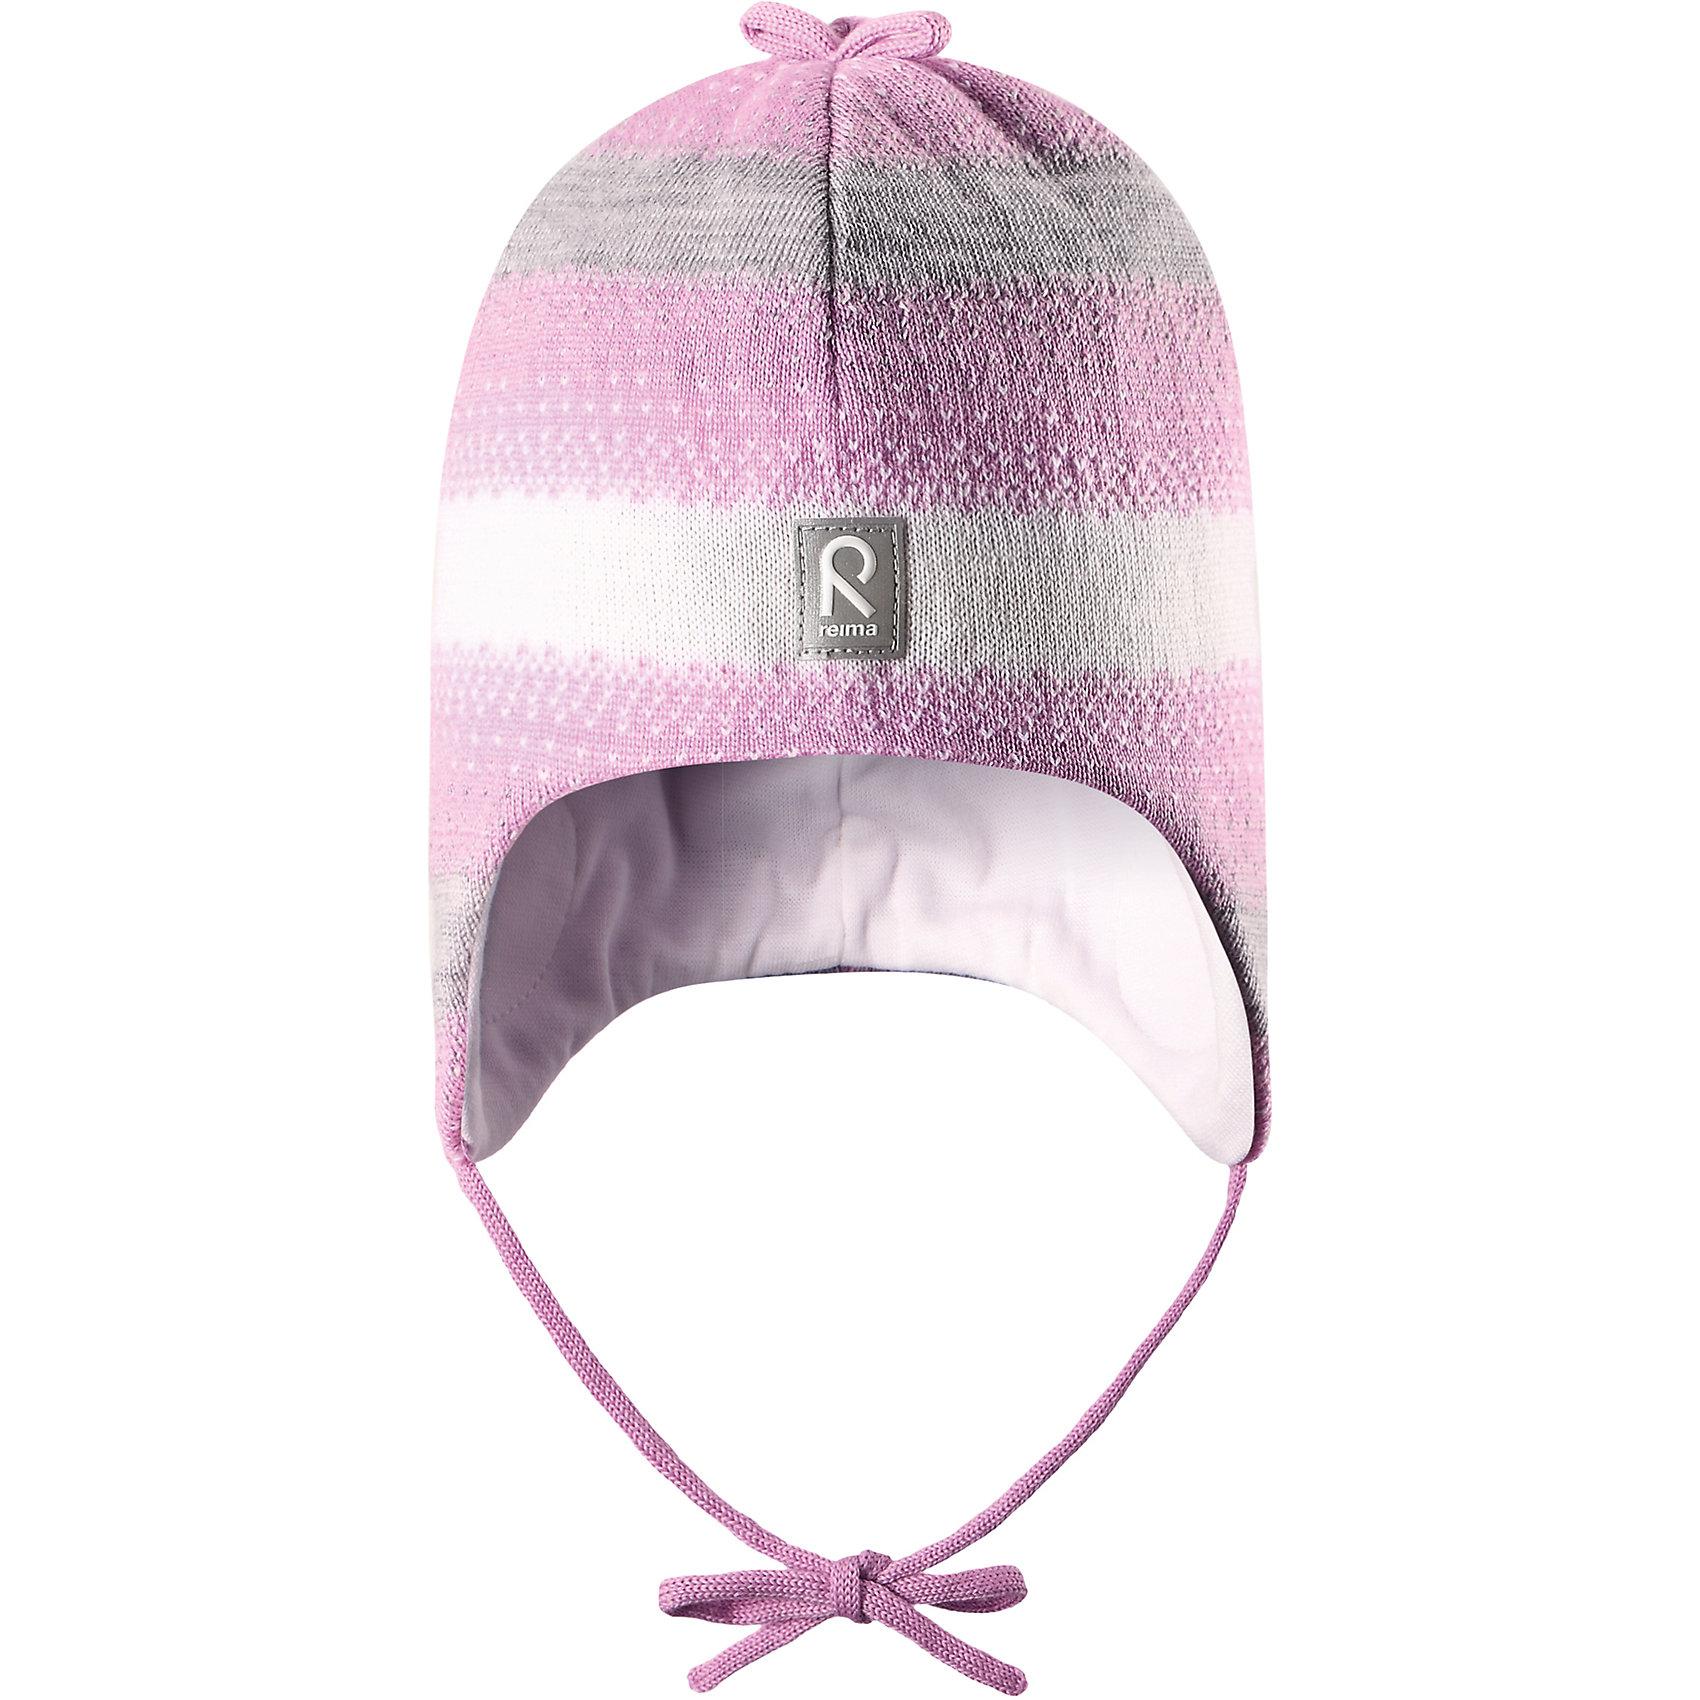 Шапка Pilvet для девочки ReimaШапка для девочки Reima<br>Шапка «Бини» для малышей. Мягкая ткань из мериносовой шерсти для поддержания идеальной температуры тела. Теплая шерстяная вязка (волокно). Товар сертифицирован Oeko-Tex, класс 1, одежда для малышей. Ветронепроницаемые вставки в области ушей. Любые размеры. Мягкая подкладка из хлопка и эластана. Логотип Reima® спереди. Узор из цветных полос. Декоративные элементы сверху. Светоотражающий элемент спереди.<br>Уход:<br>Стирать по отдельности, вывернув наизнанку. Придать первоначальную форму вo влажном виде. Возможна усадка 5 %.<br>Состав:<br>100% Шерсть<br><br>Ширина мм: 89<br>Глубина мм: 117<br>Высота мм: 44<br>Вес г: 155<br>Цвет: розовый<br>Возраст от месяцев: 9<br>Возраст до месяцев: 18<br>Пол: Женский<br>Возраст: Детский<br>Размер: 48,50,46,52<br>SKU: 4777172